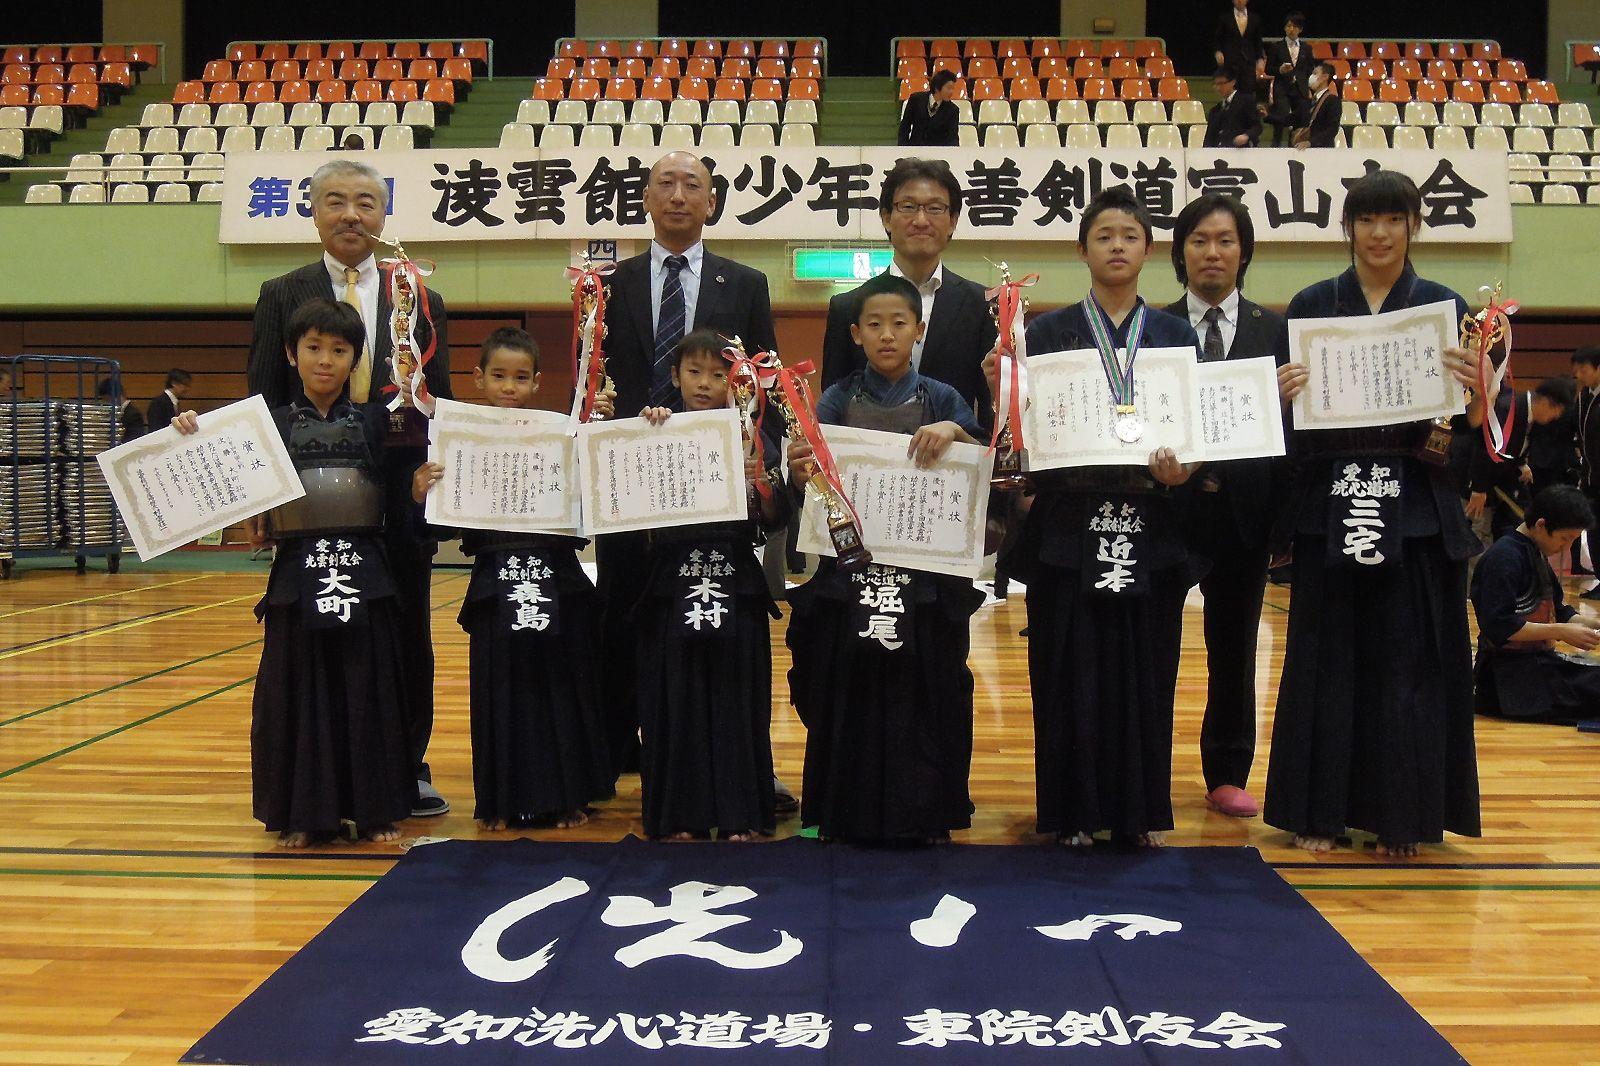 第37回凌雲館幼少年親善剣道富山大会